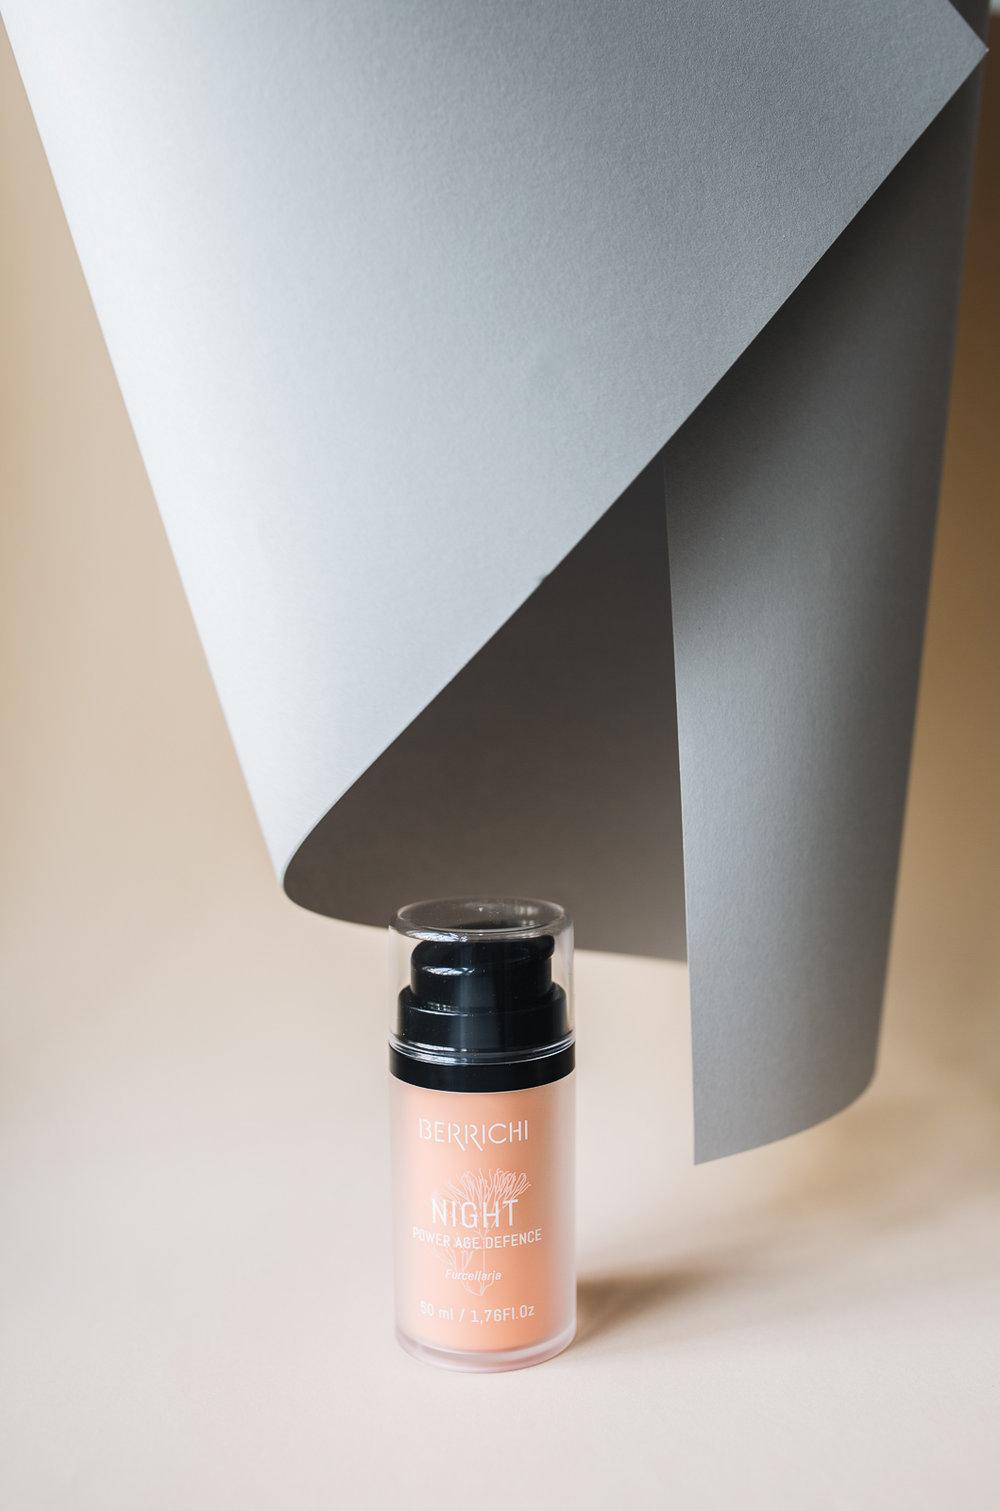 Berrichi Night Creme   Unser Geheimtipp des Monats! Das estländische Label Berrichi verwendet in ihren Produkten rote Algen aus der Ostsee, die unsere Haut pflegt, schützt und sogar verjüngt! Da sich die Haut vor allem in der Nacht regeneriert, verwenden wir die  Night Creme , die sofort ein absolut weiches, geschmeidiges Hautgefühl hinterlässt. Diese Creme sollte bei jedem abendlichen Badritual nicht fehlen! - 50 ml für 39 EUR